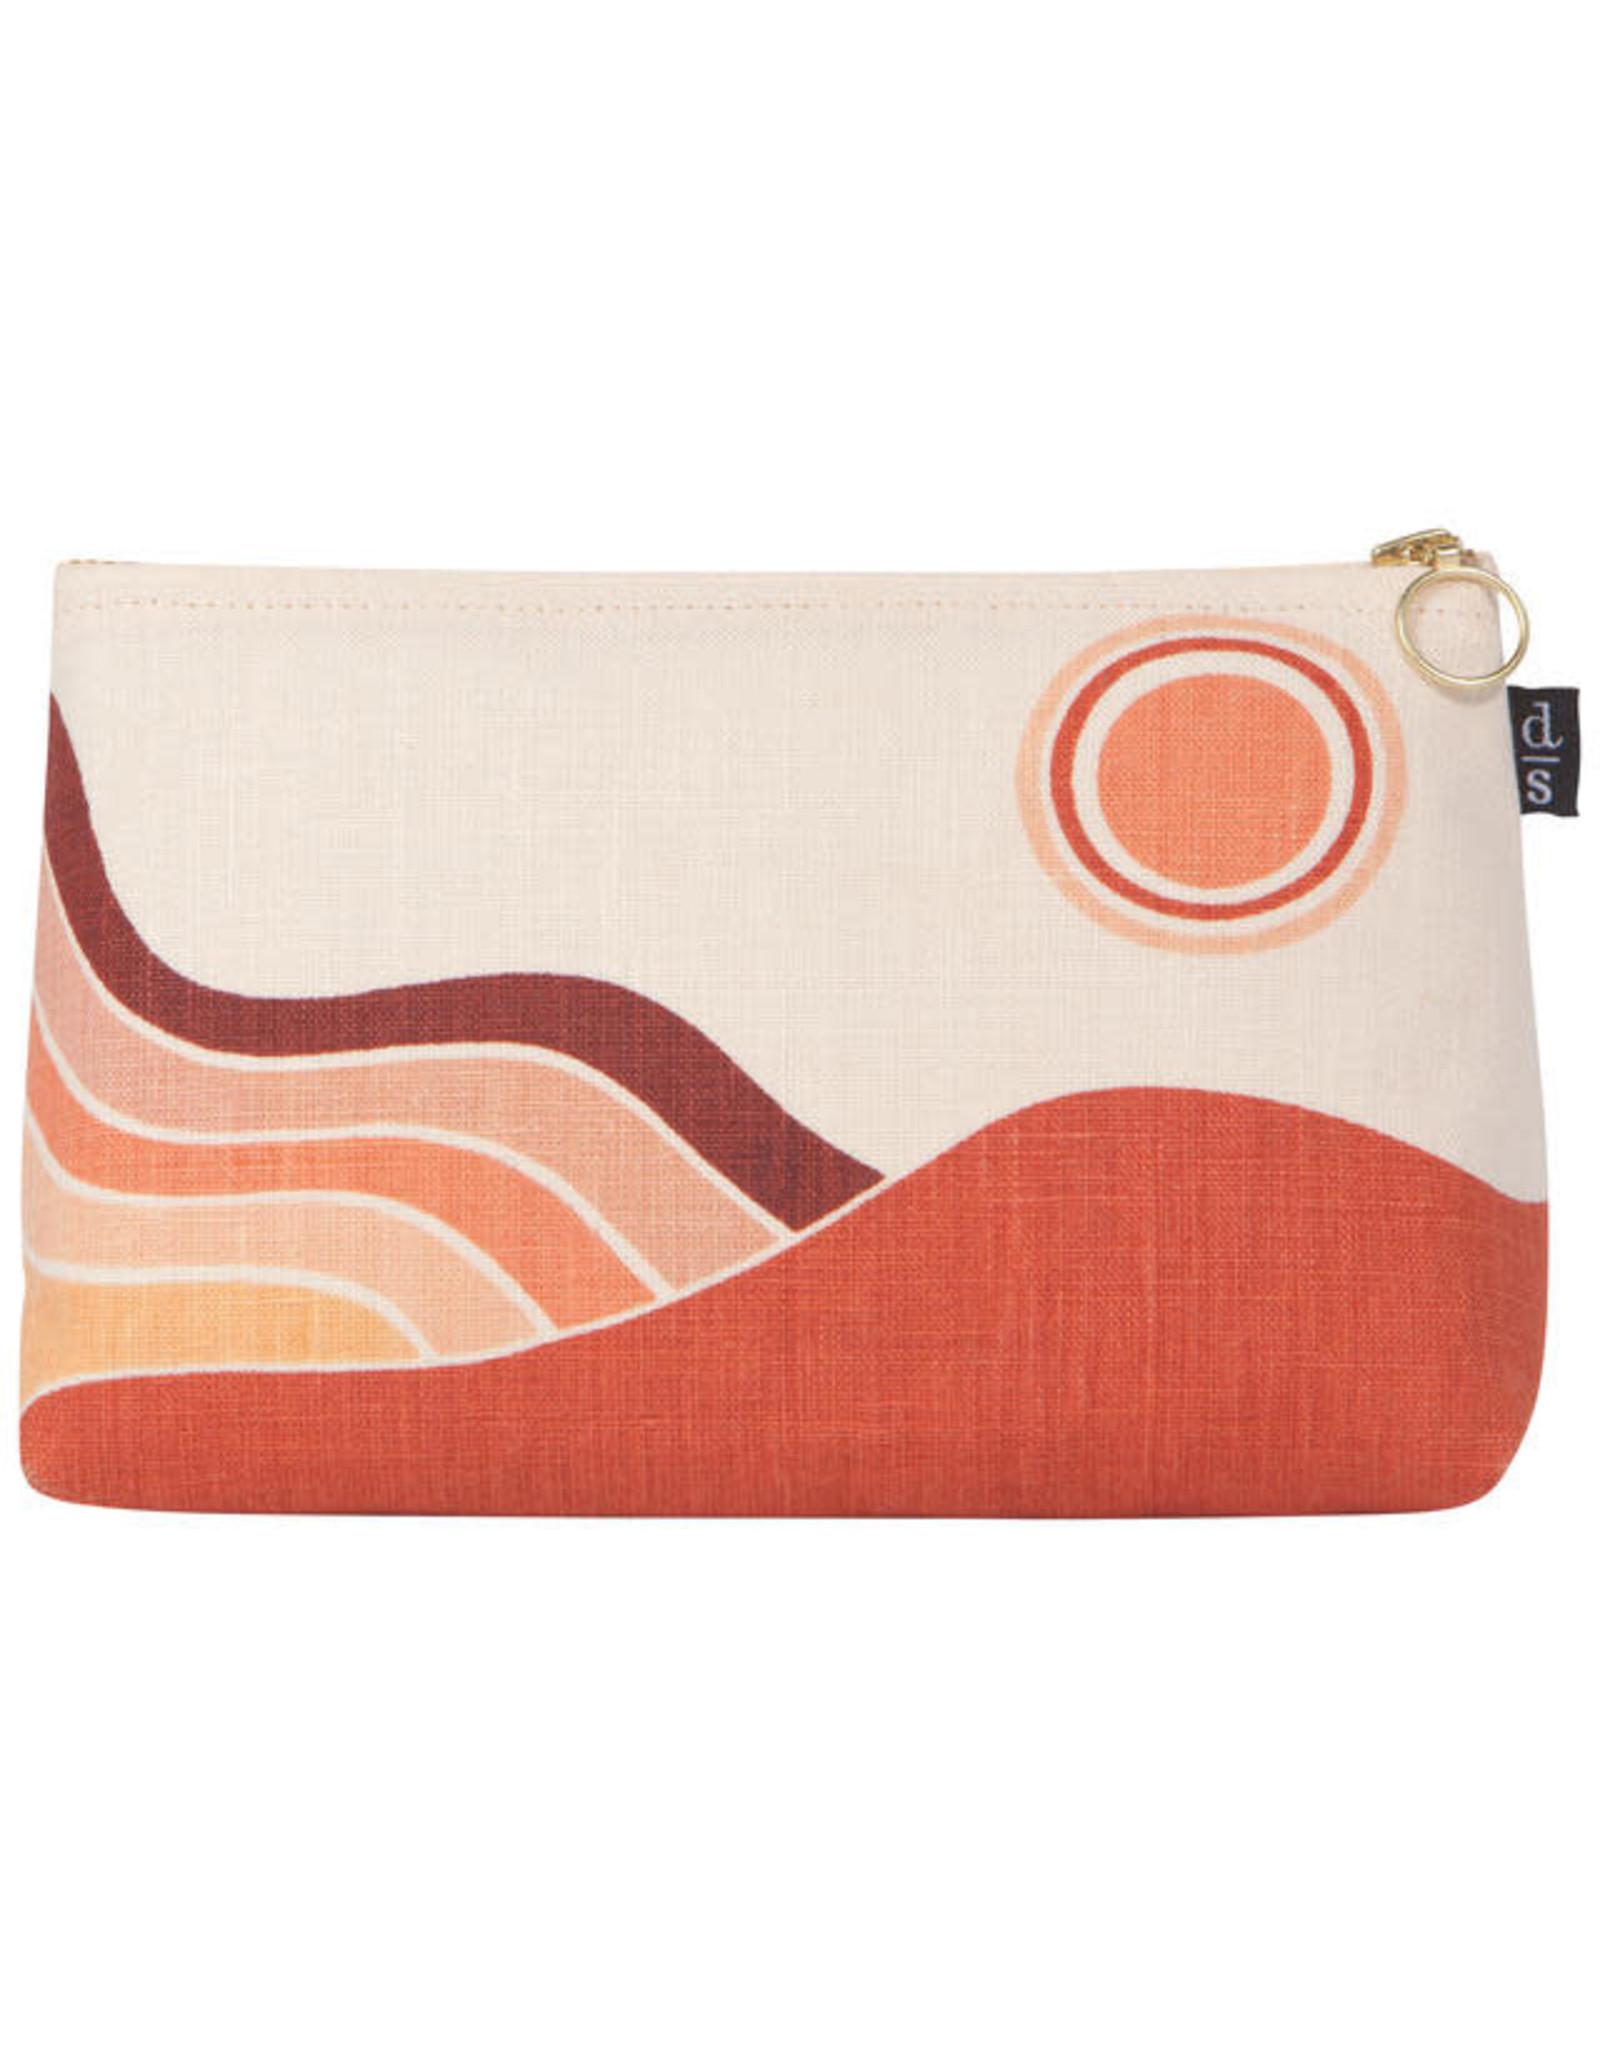 Solstice Cosmetics Bag Sm